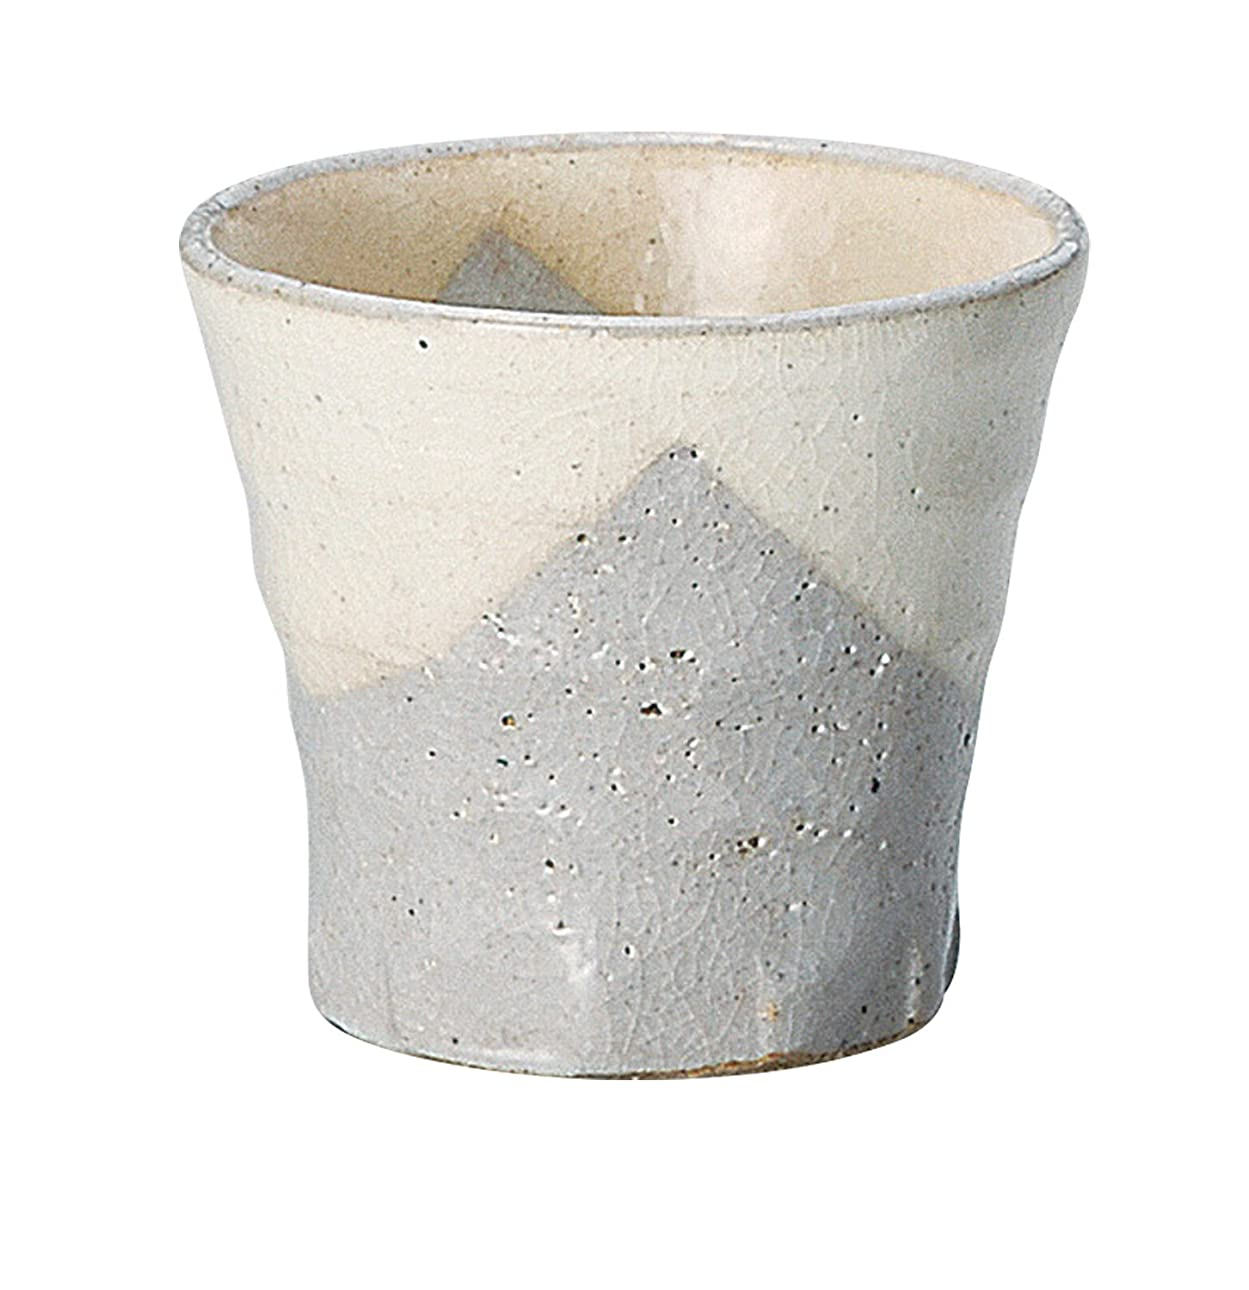 チャンピオンシップチャンピオンシップ申し立て宗峰窯 陶器 タンブラー 美濃萩 面取 カップ 300cc 354-22-463